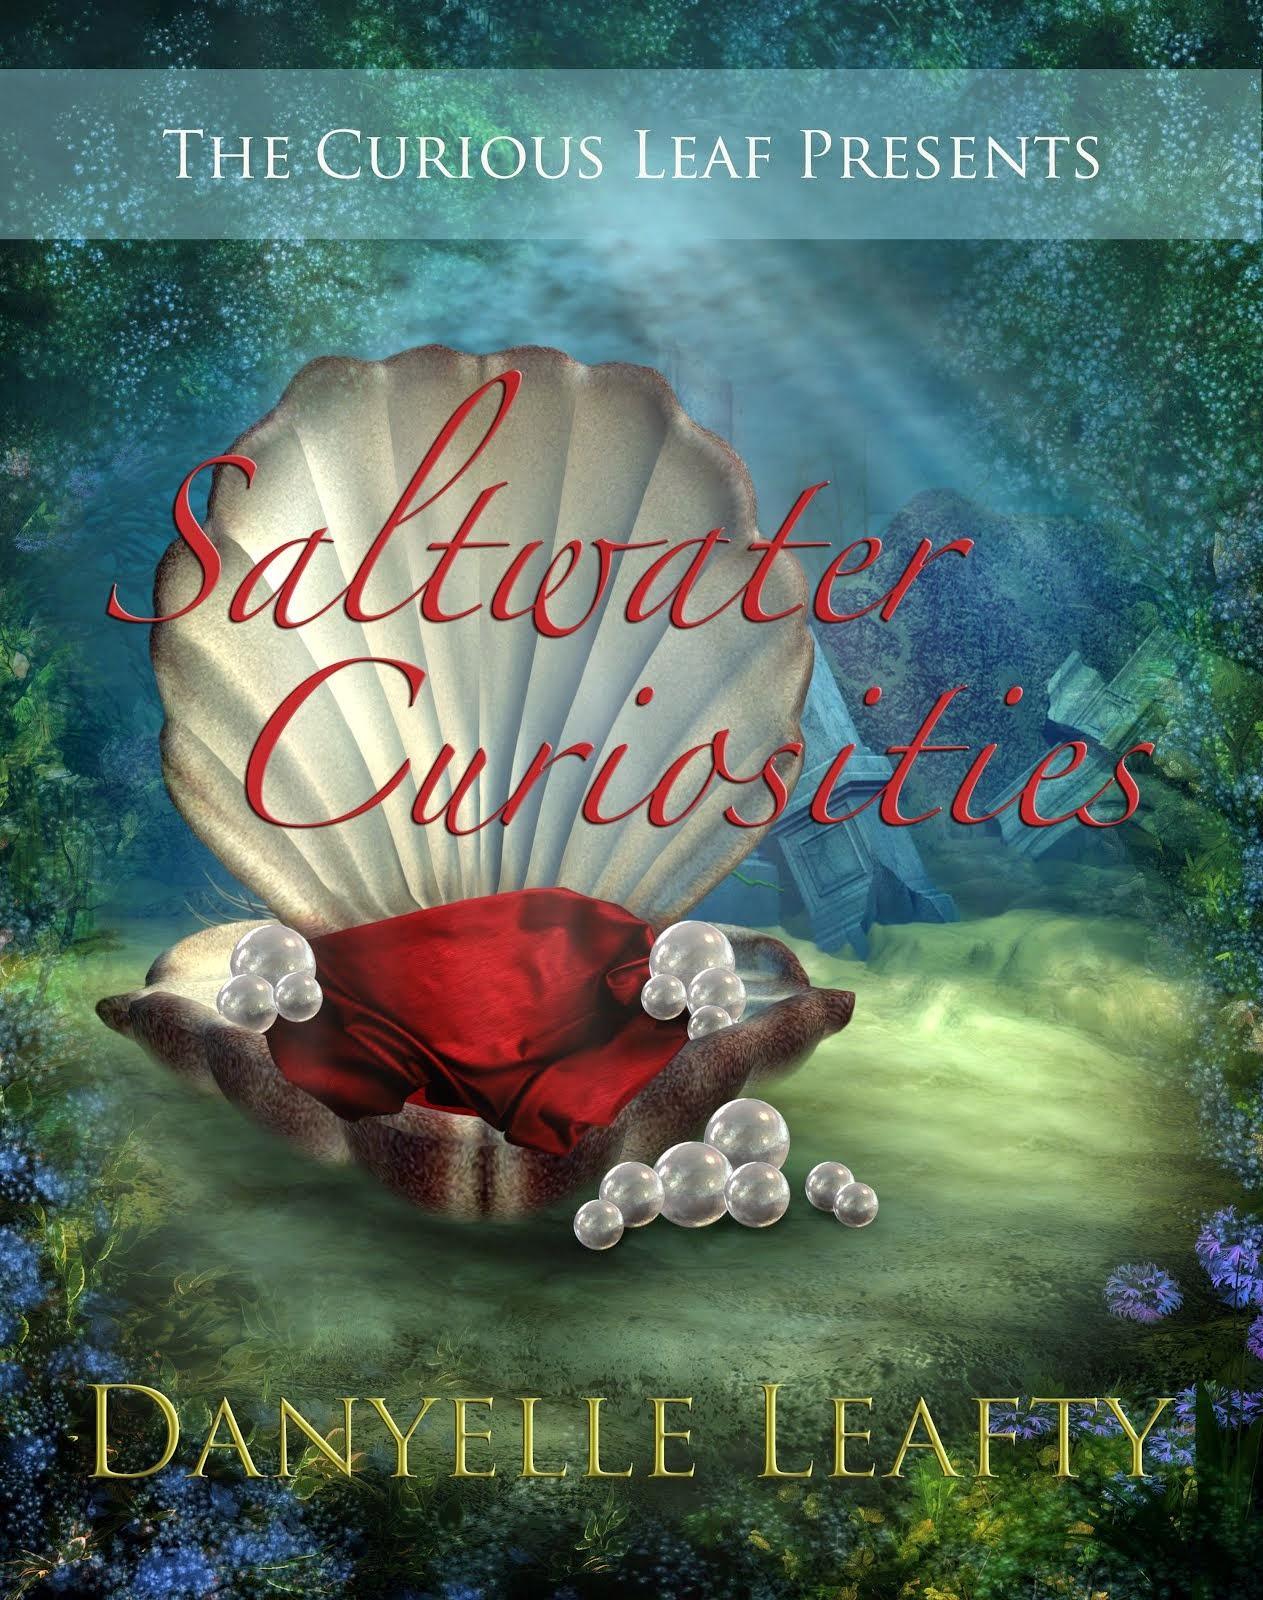 Saltwater Curiosities